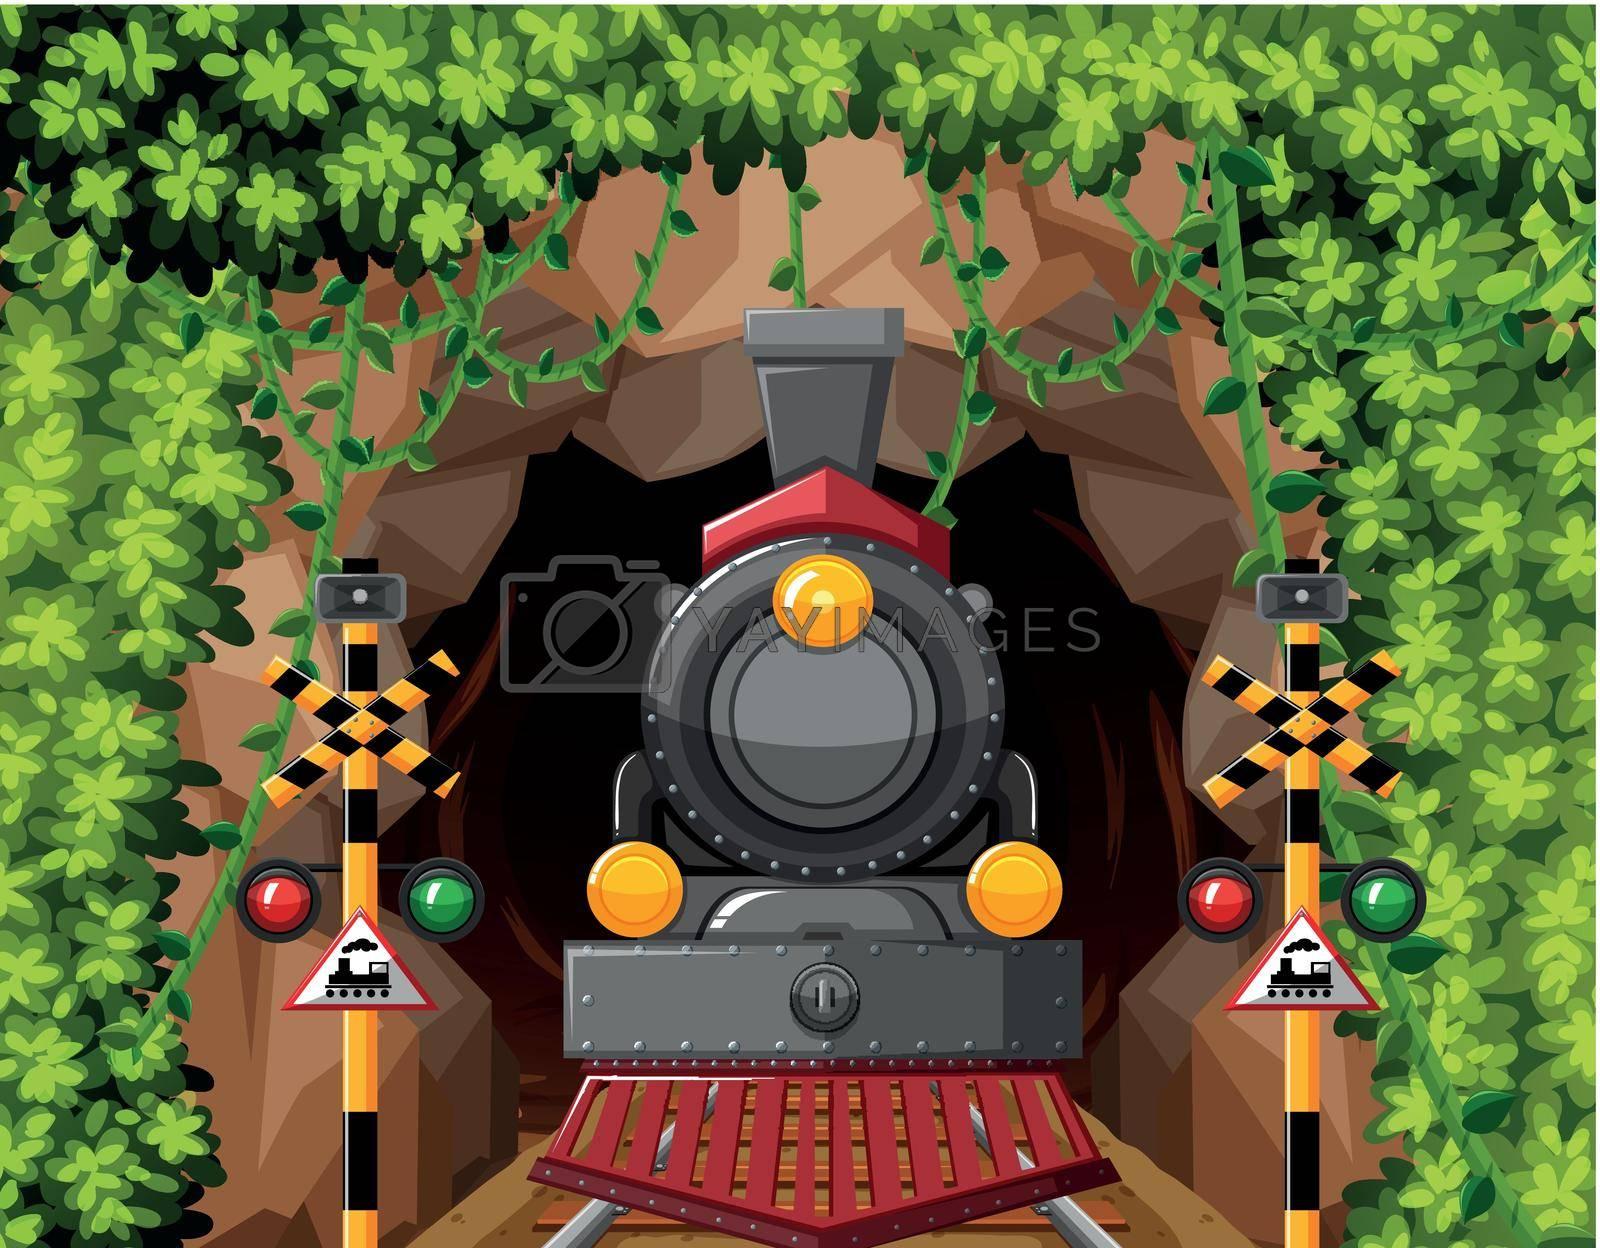 A train in tunnel scene illustration